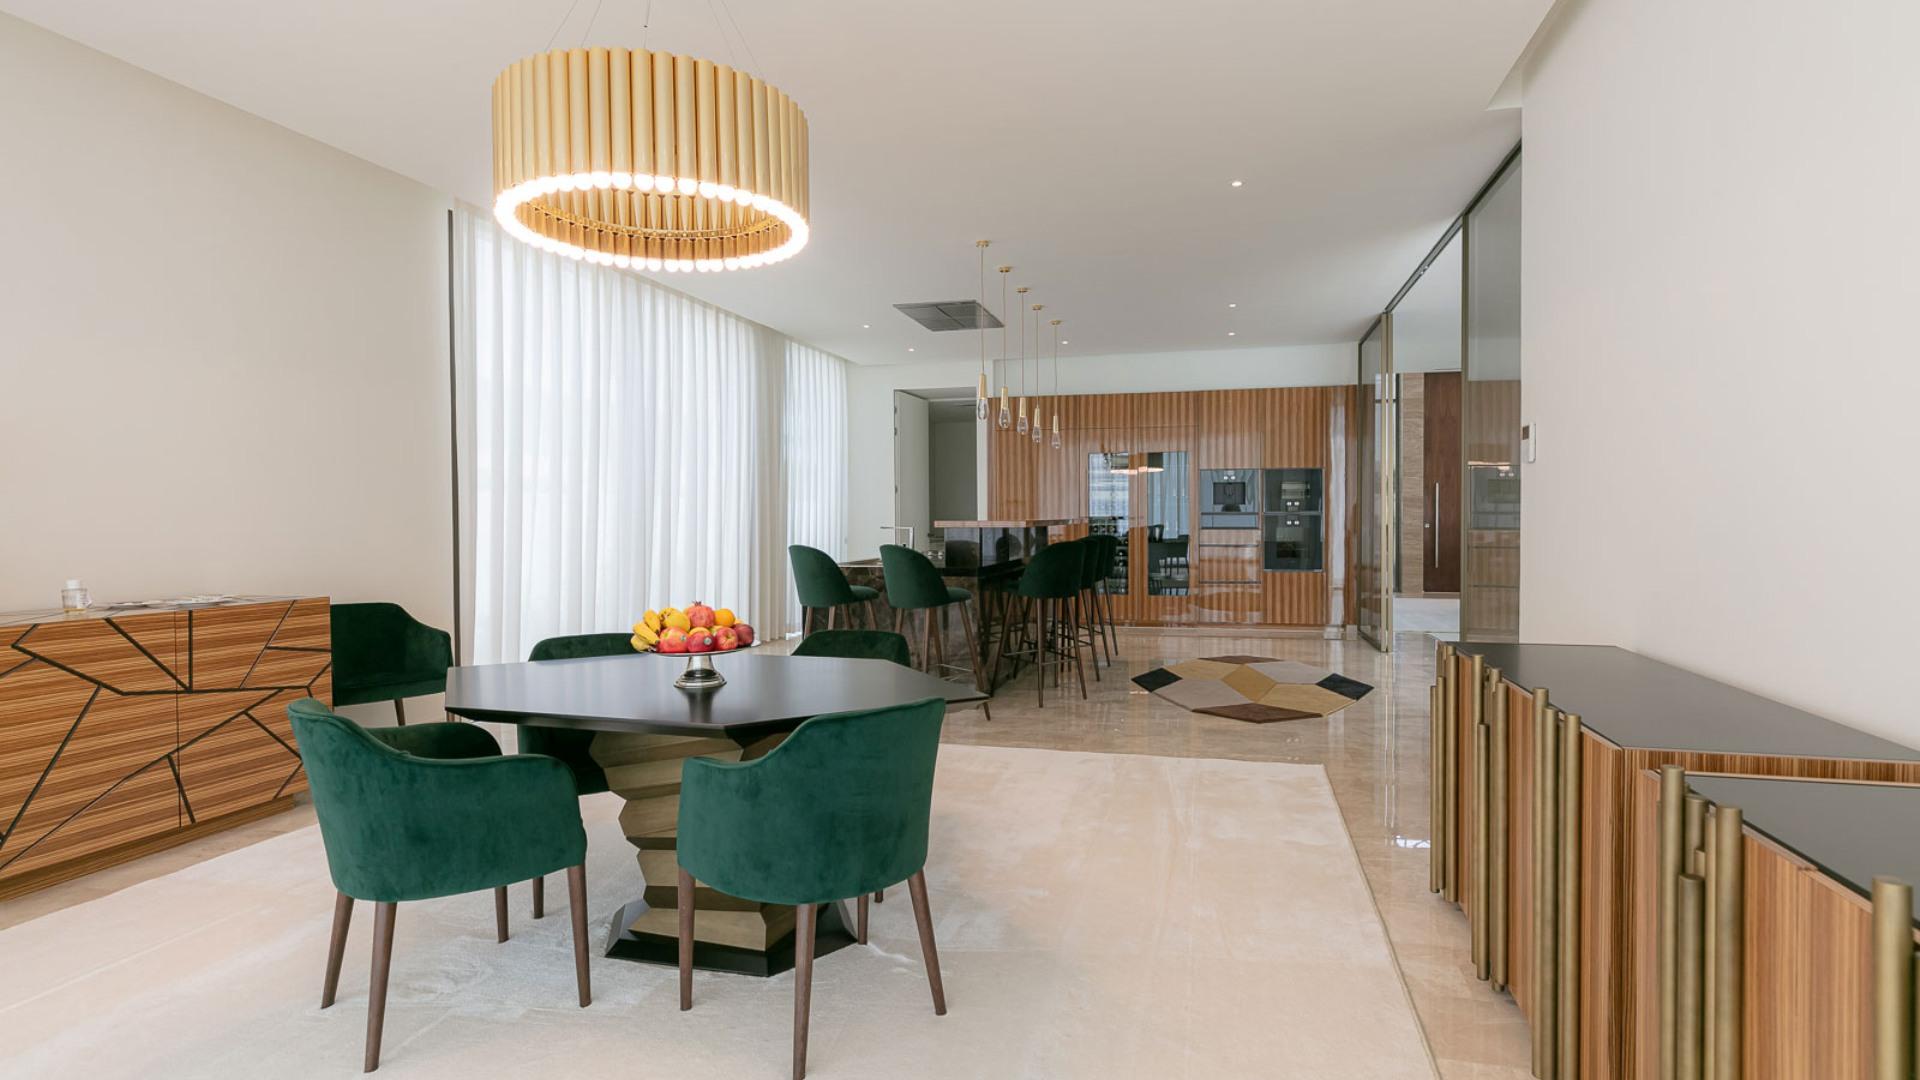 Villa en venta en Dubai, EAU, 7 dormitorios, 1301 m2, № 24641 – foto 4